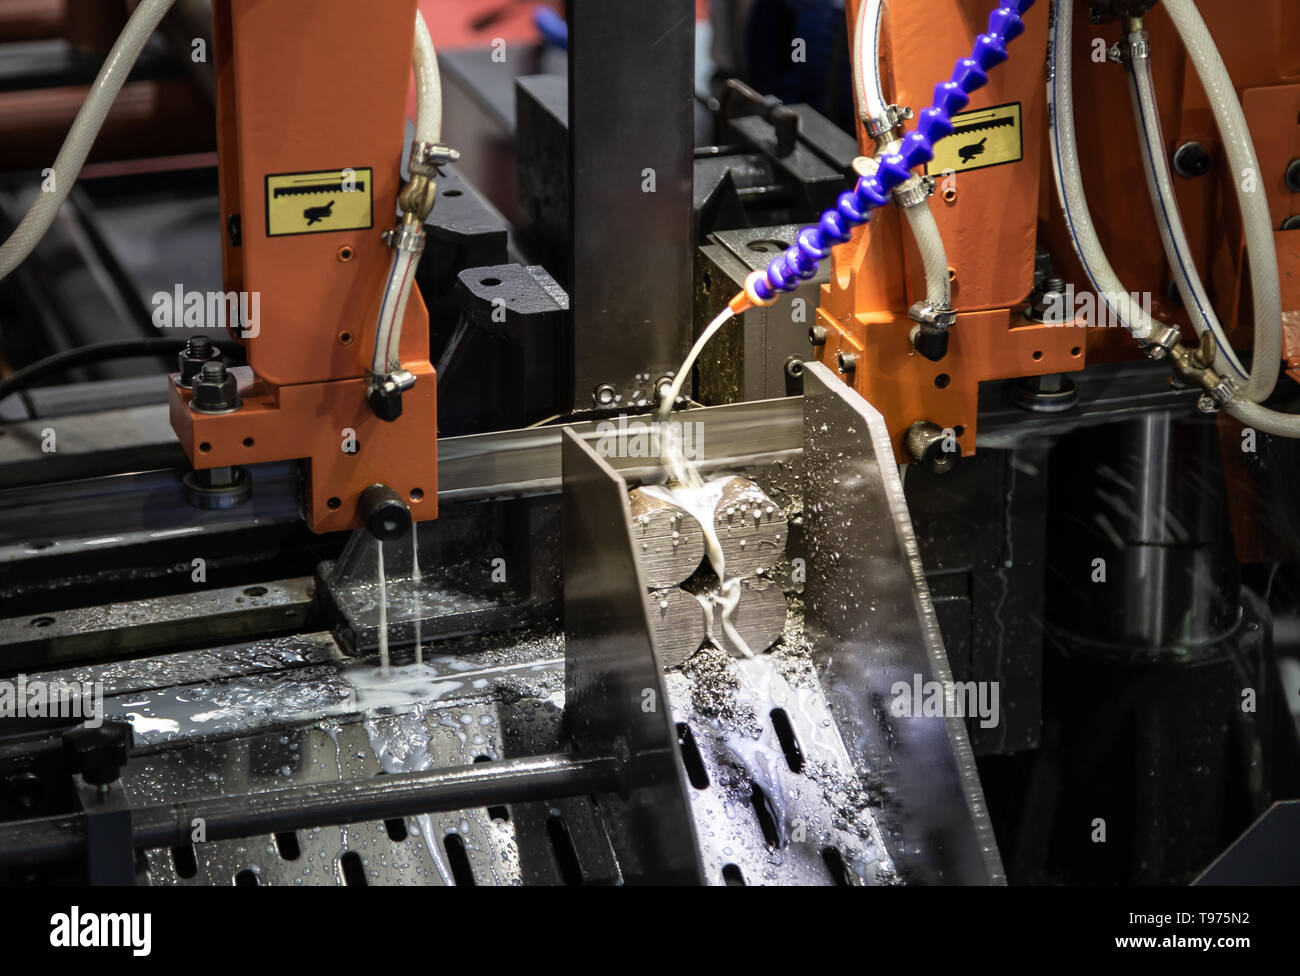 Metal Rod Stock Photos & Metal Rod Stock Images - Alamy